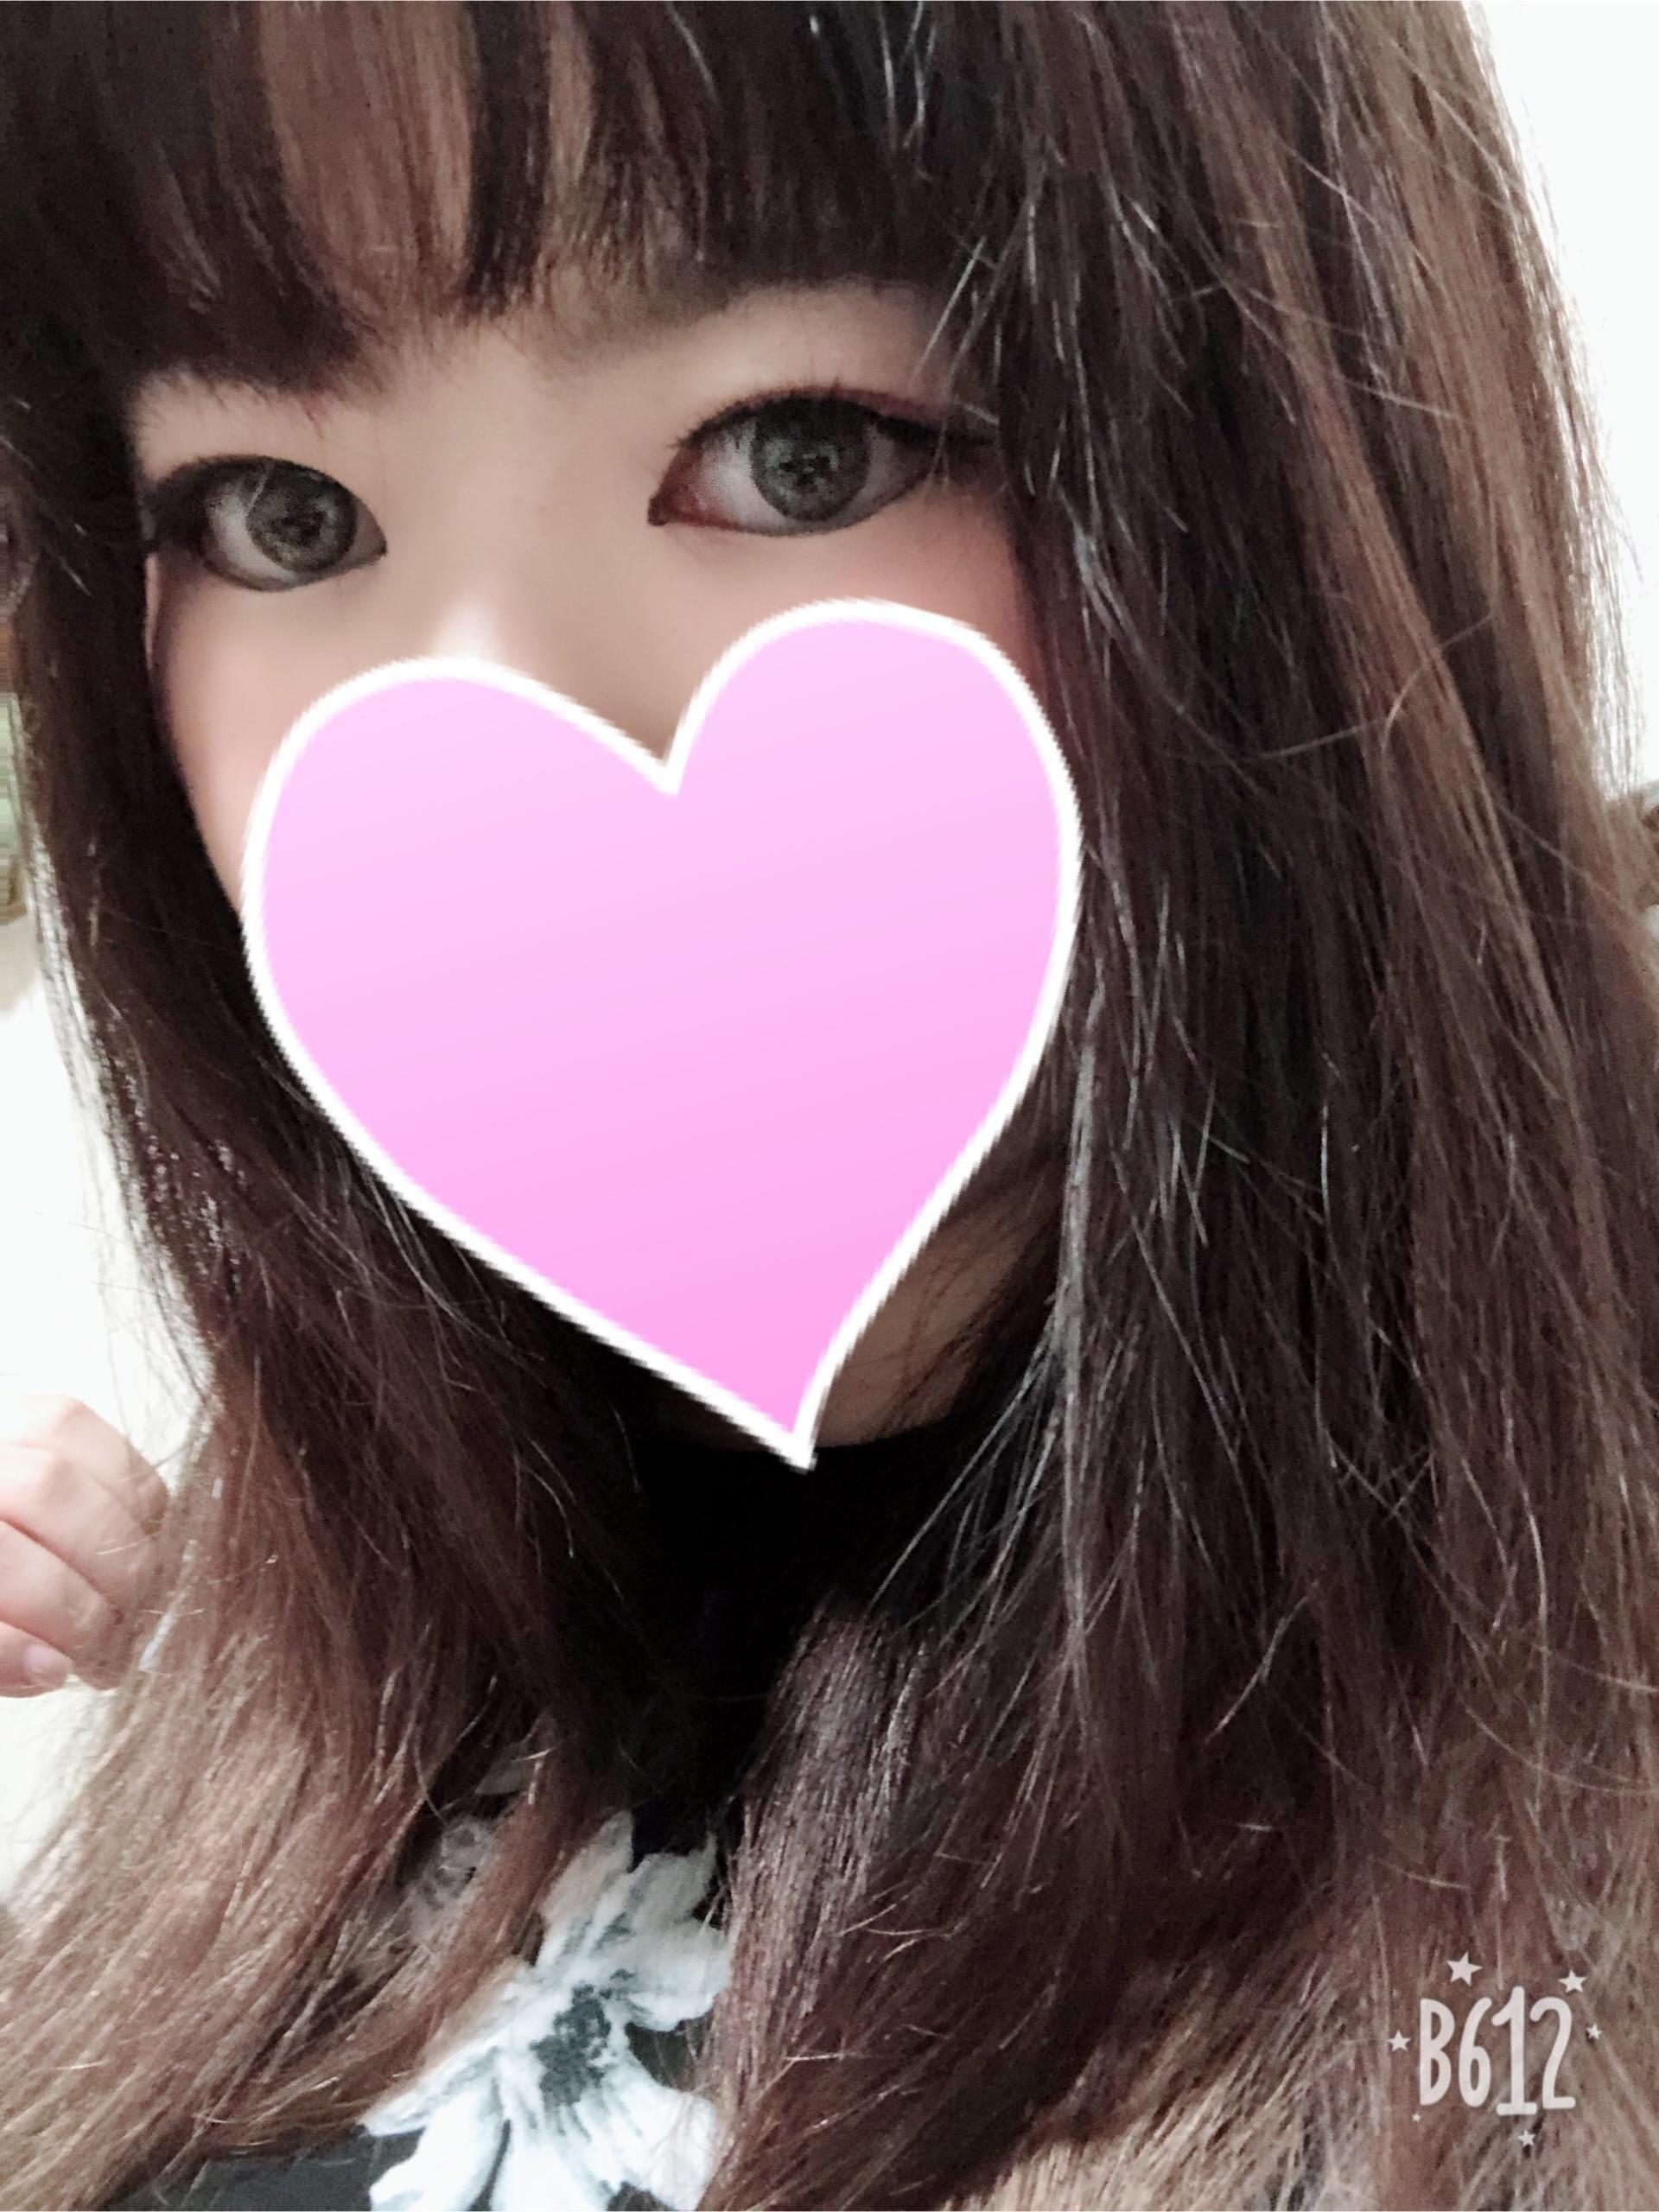 「しゅっきーん」08/18(土) 20:09   ここなっつの写メ・風俗動画